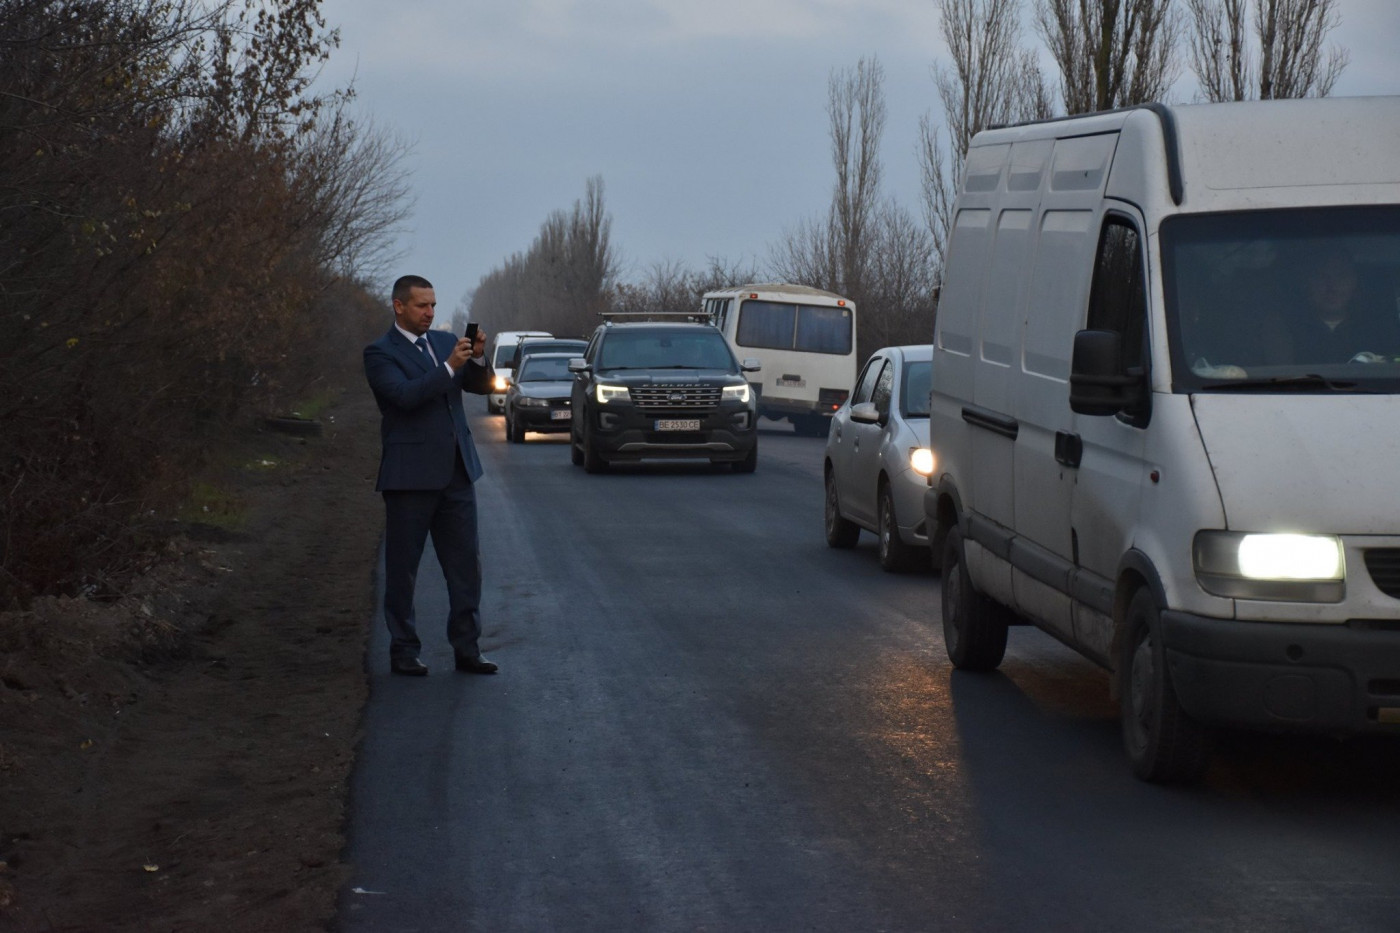 Глава Николаевской ОГА Стадник проехался по дороге